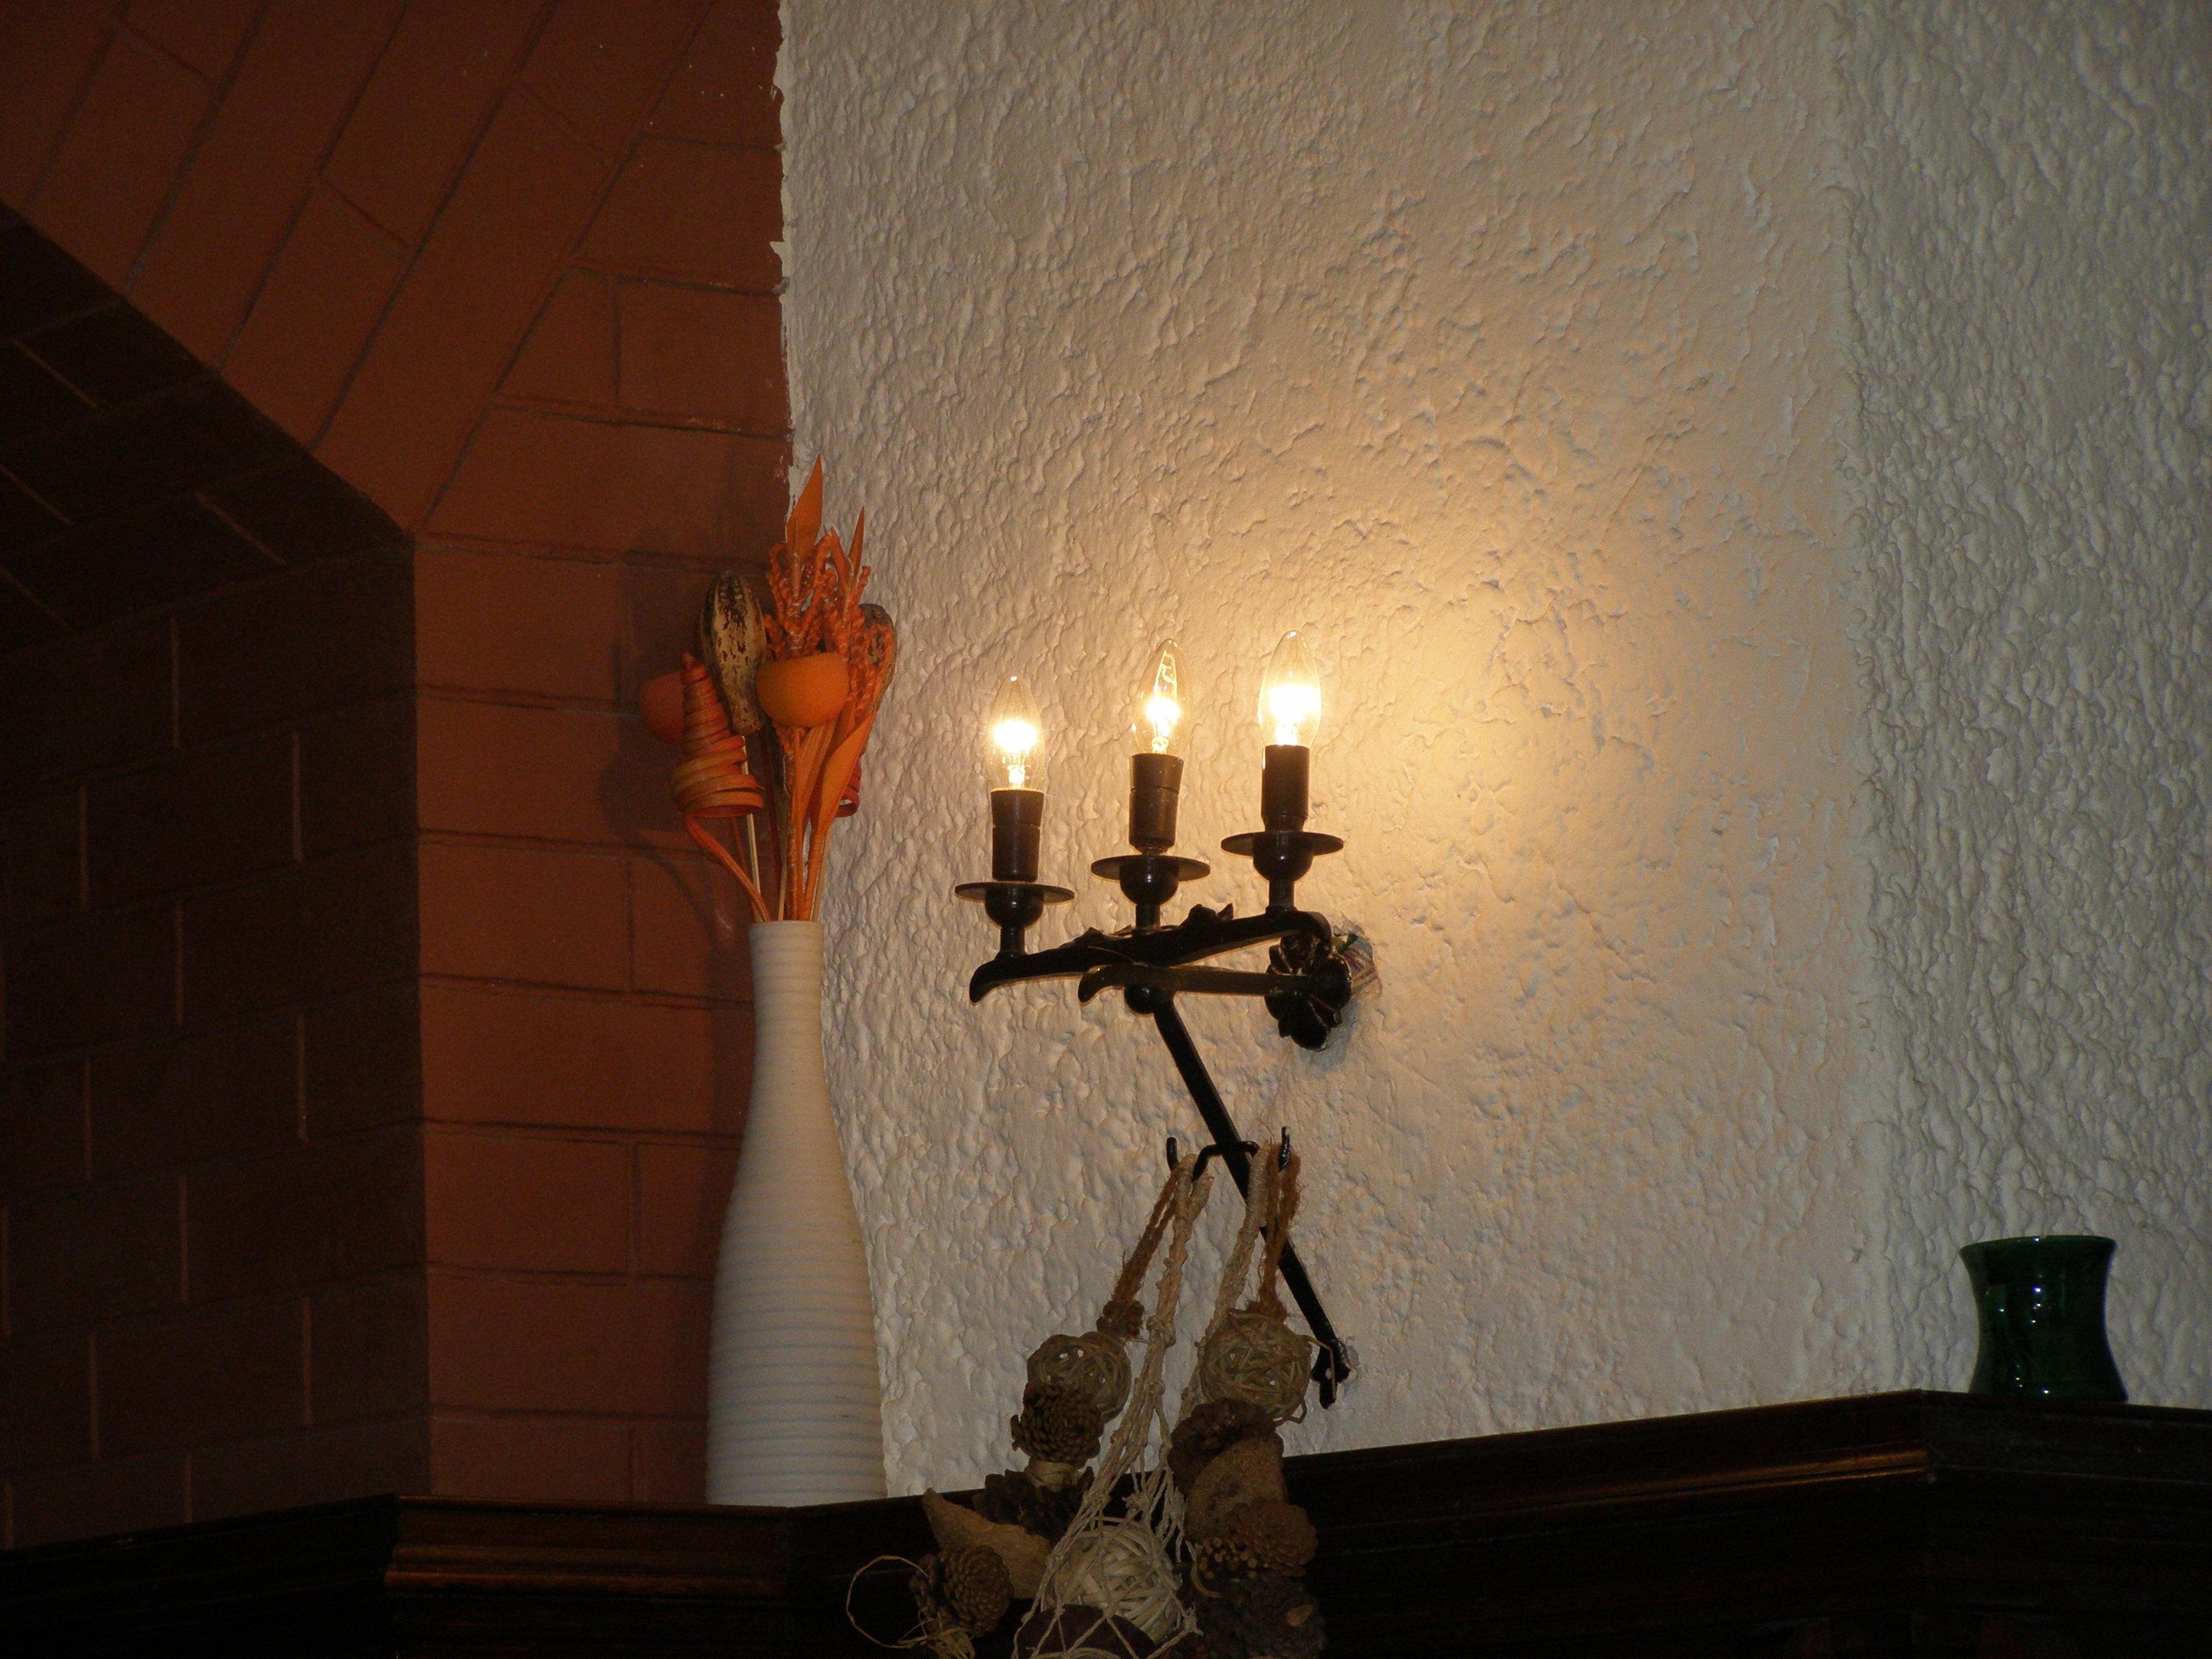 Oare noaptea, când luminile acestea se sting, apar prin cramă şi ceva stafii?